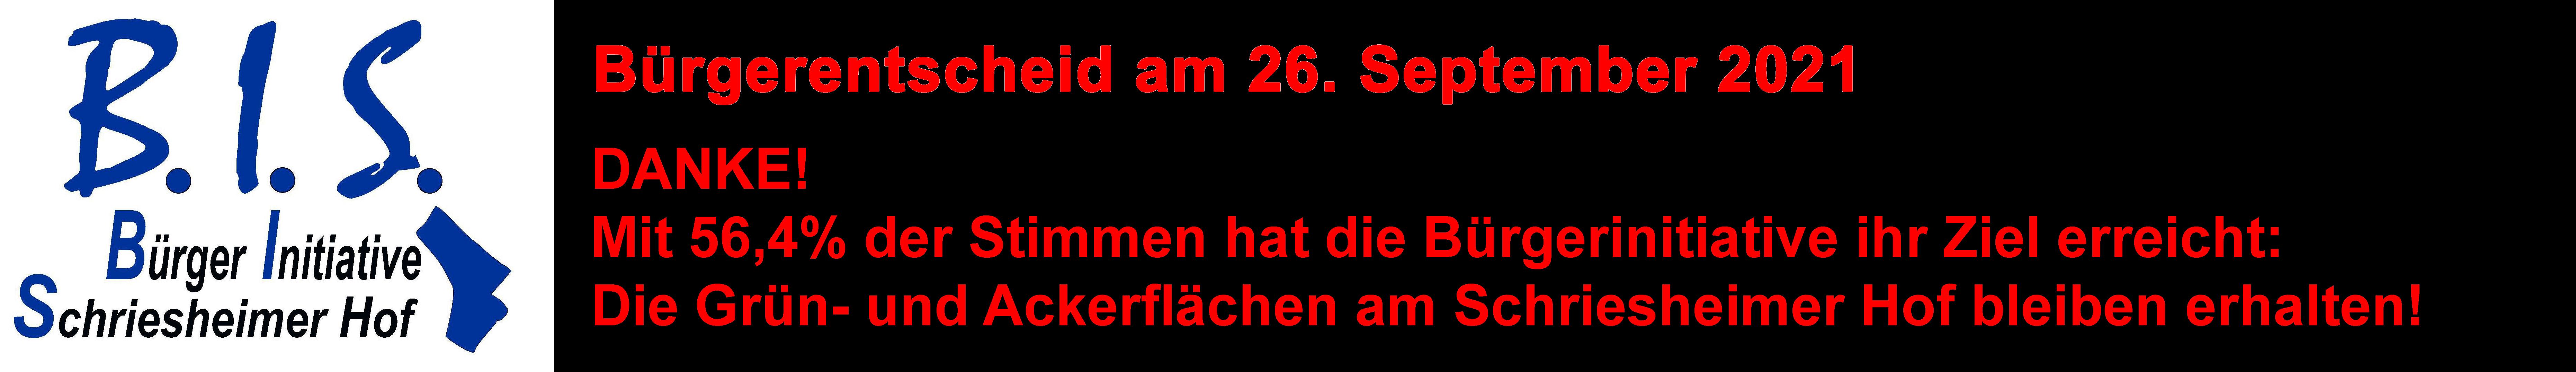 Bürgerinitiative Schriesheimer Hof